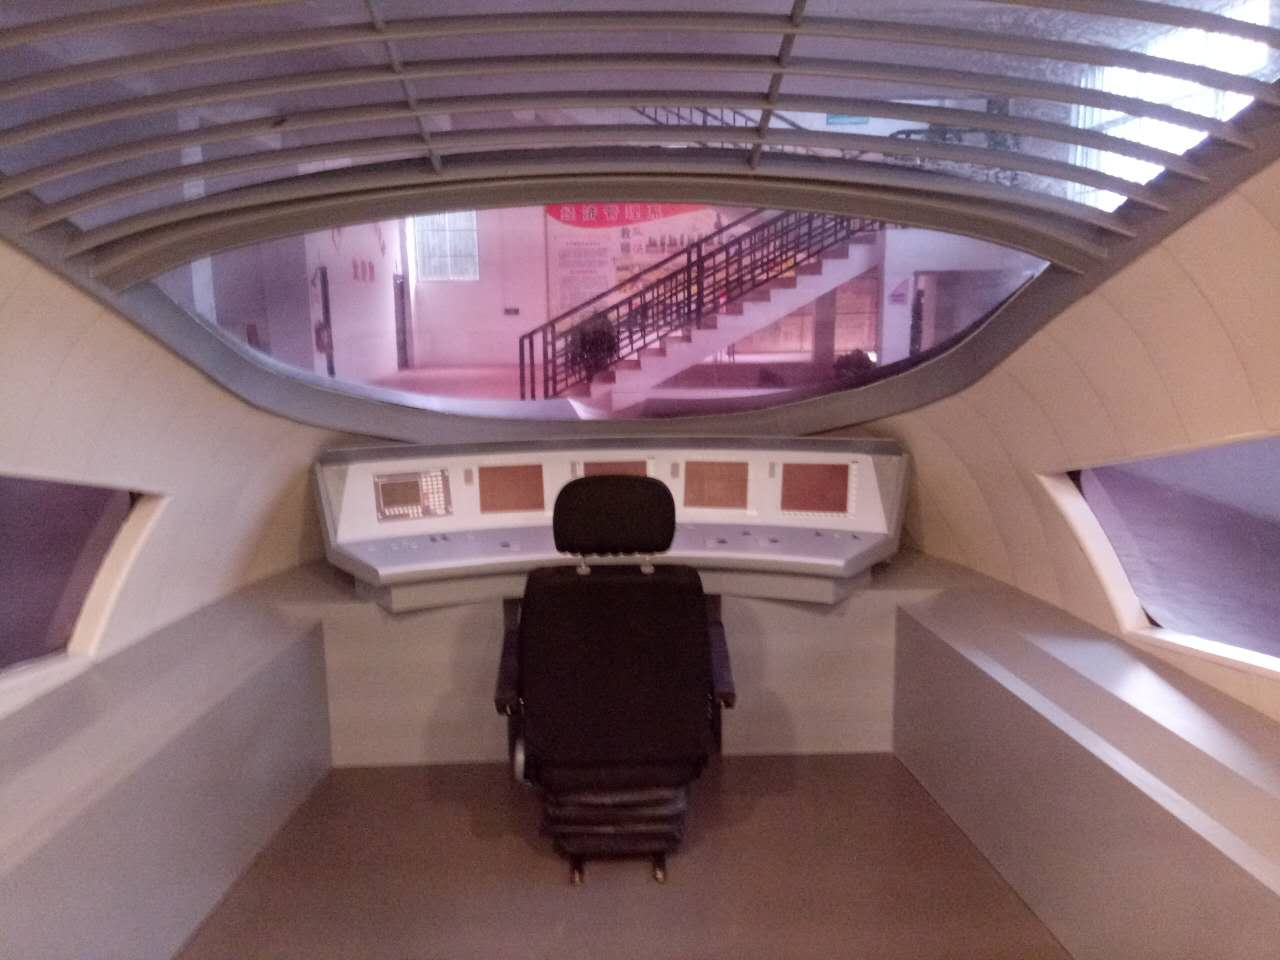 新款客舱服务训练舱|为您推荐质量好的客舱服务训练舱